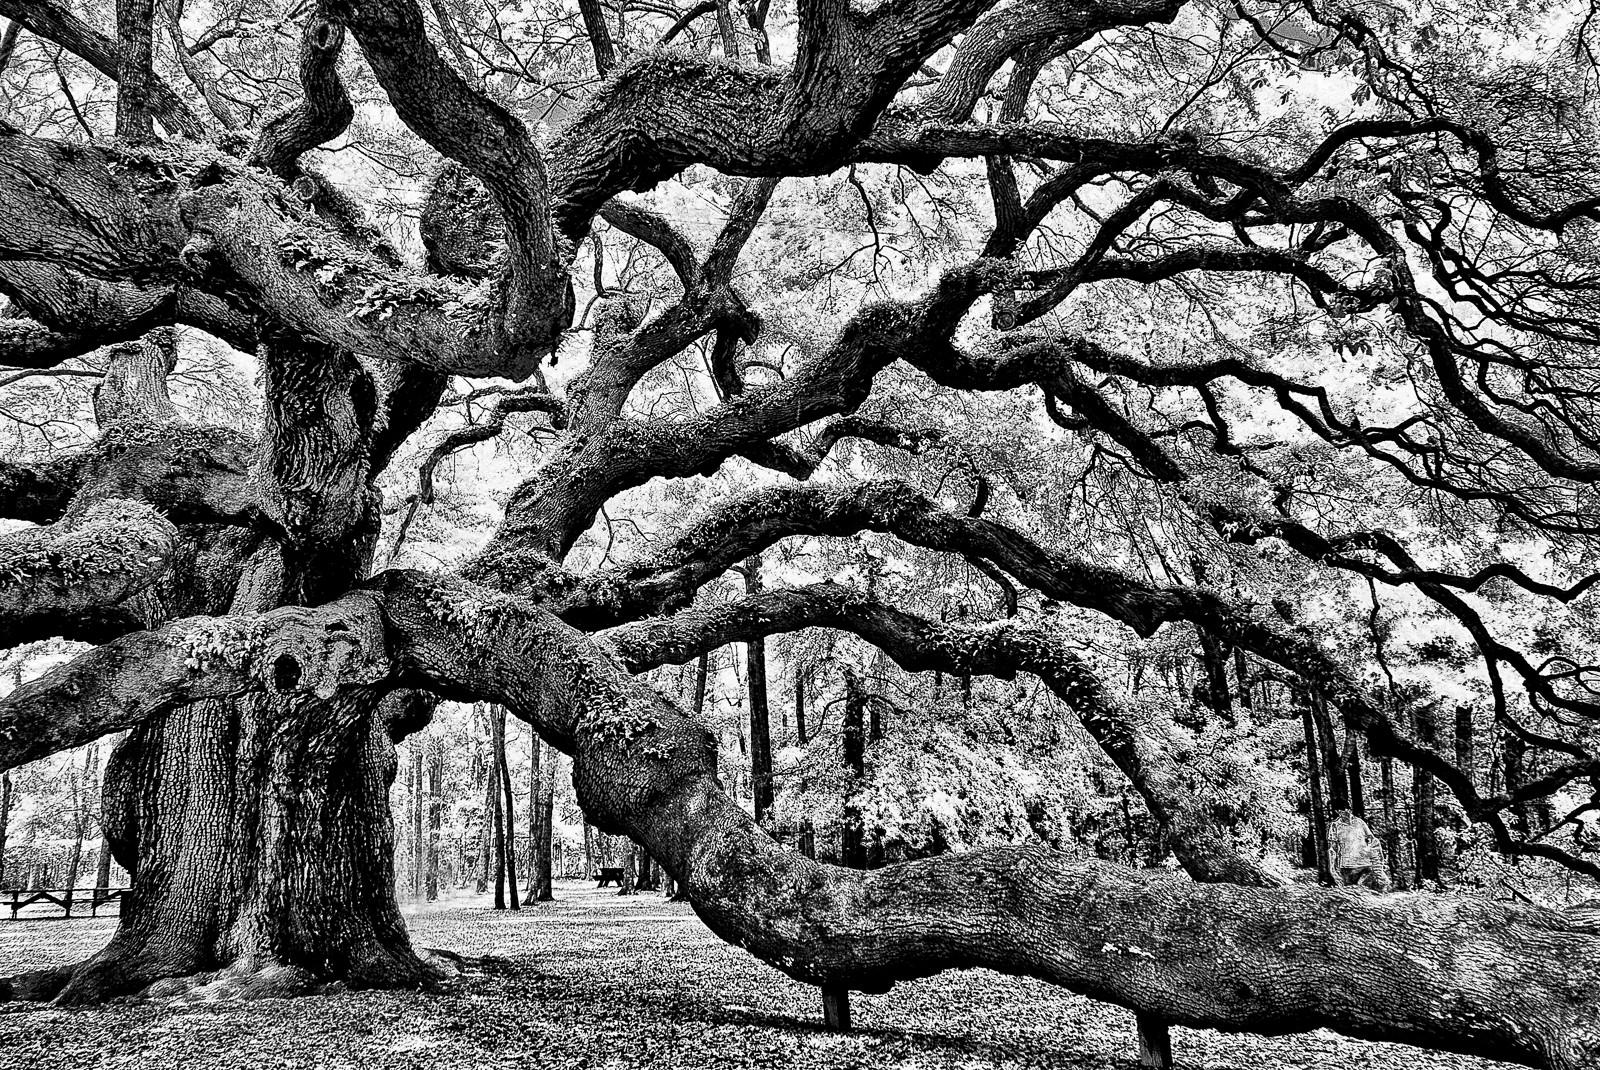 angel-oak-0759